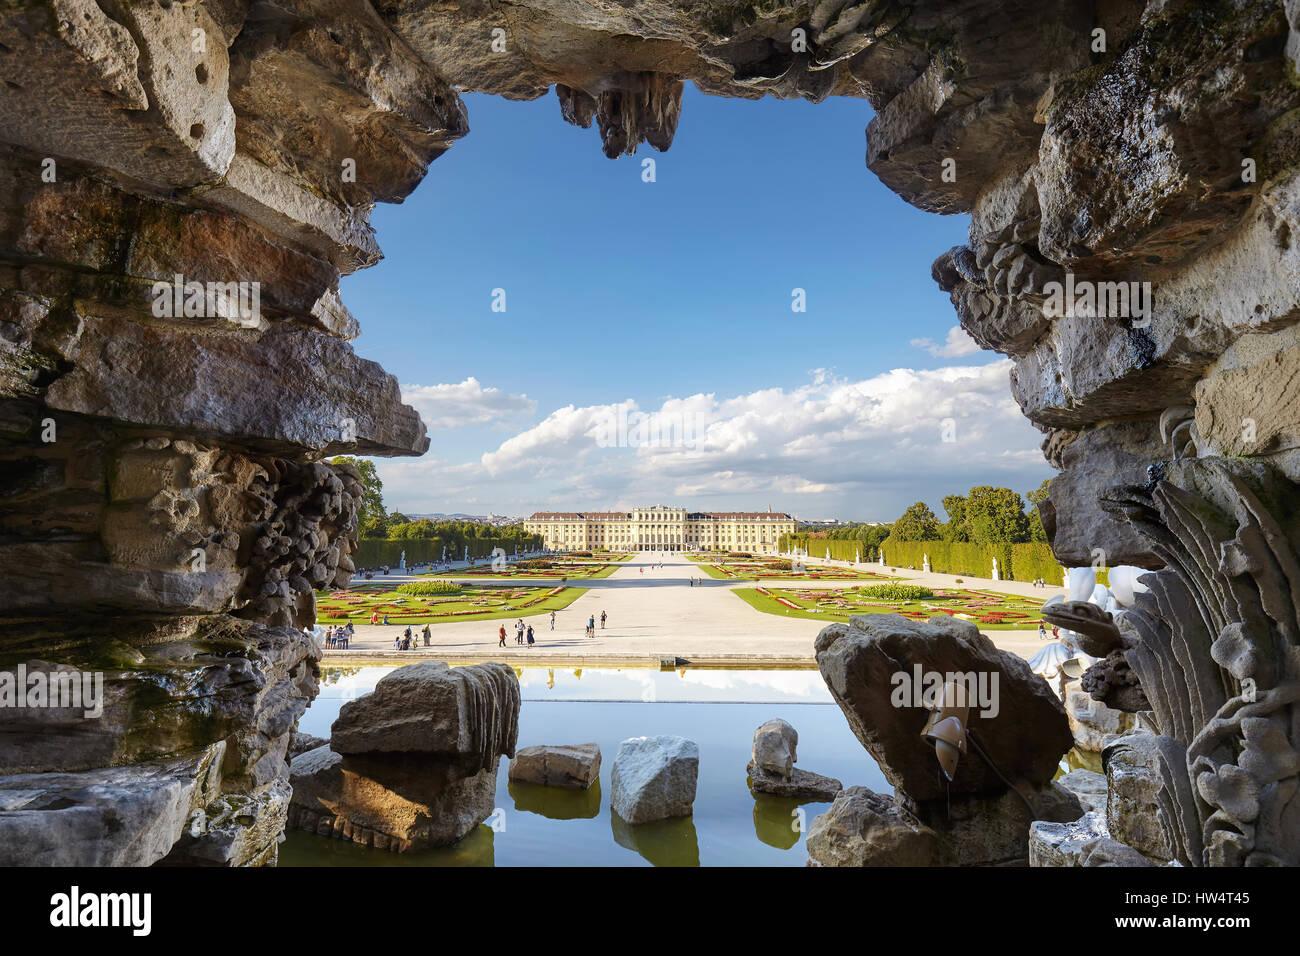 Wien, Österreich - 14. August 2016: Brunnen Blick auf das Schloss Schönbrunn, ehemalige kaiserliche Sommerresidenz Stockbild